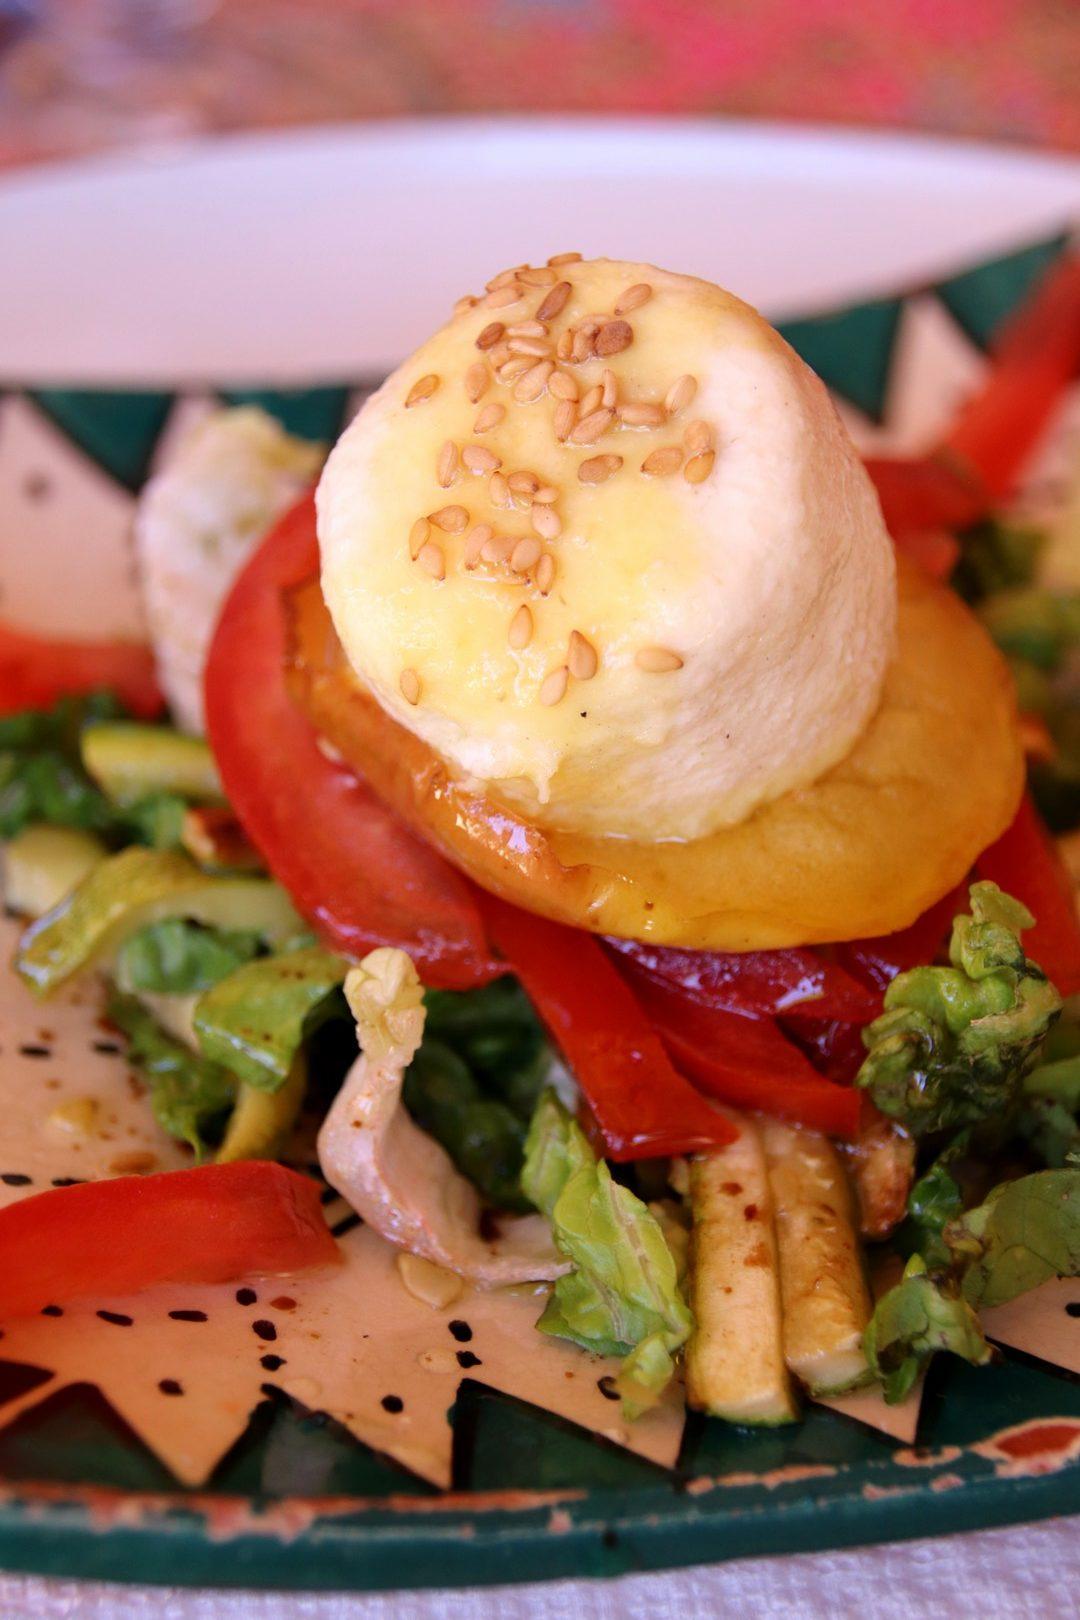 Maroc - Salade au fromage de chèvre à Boumalne Dadès